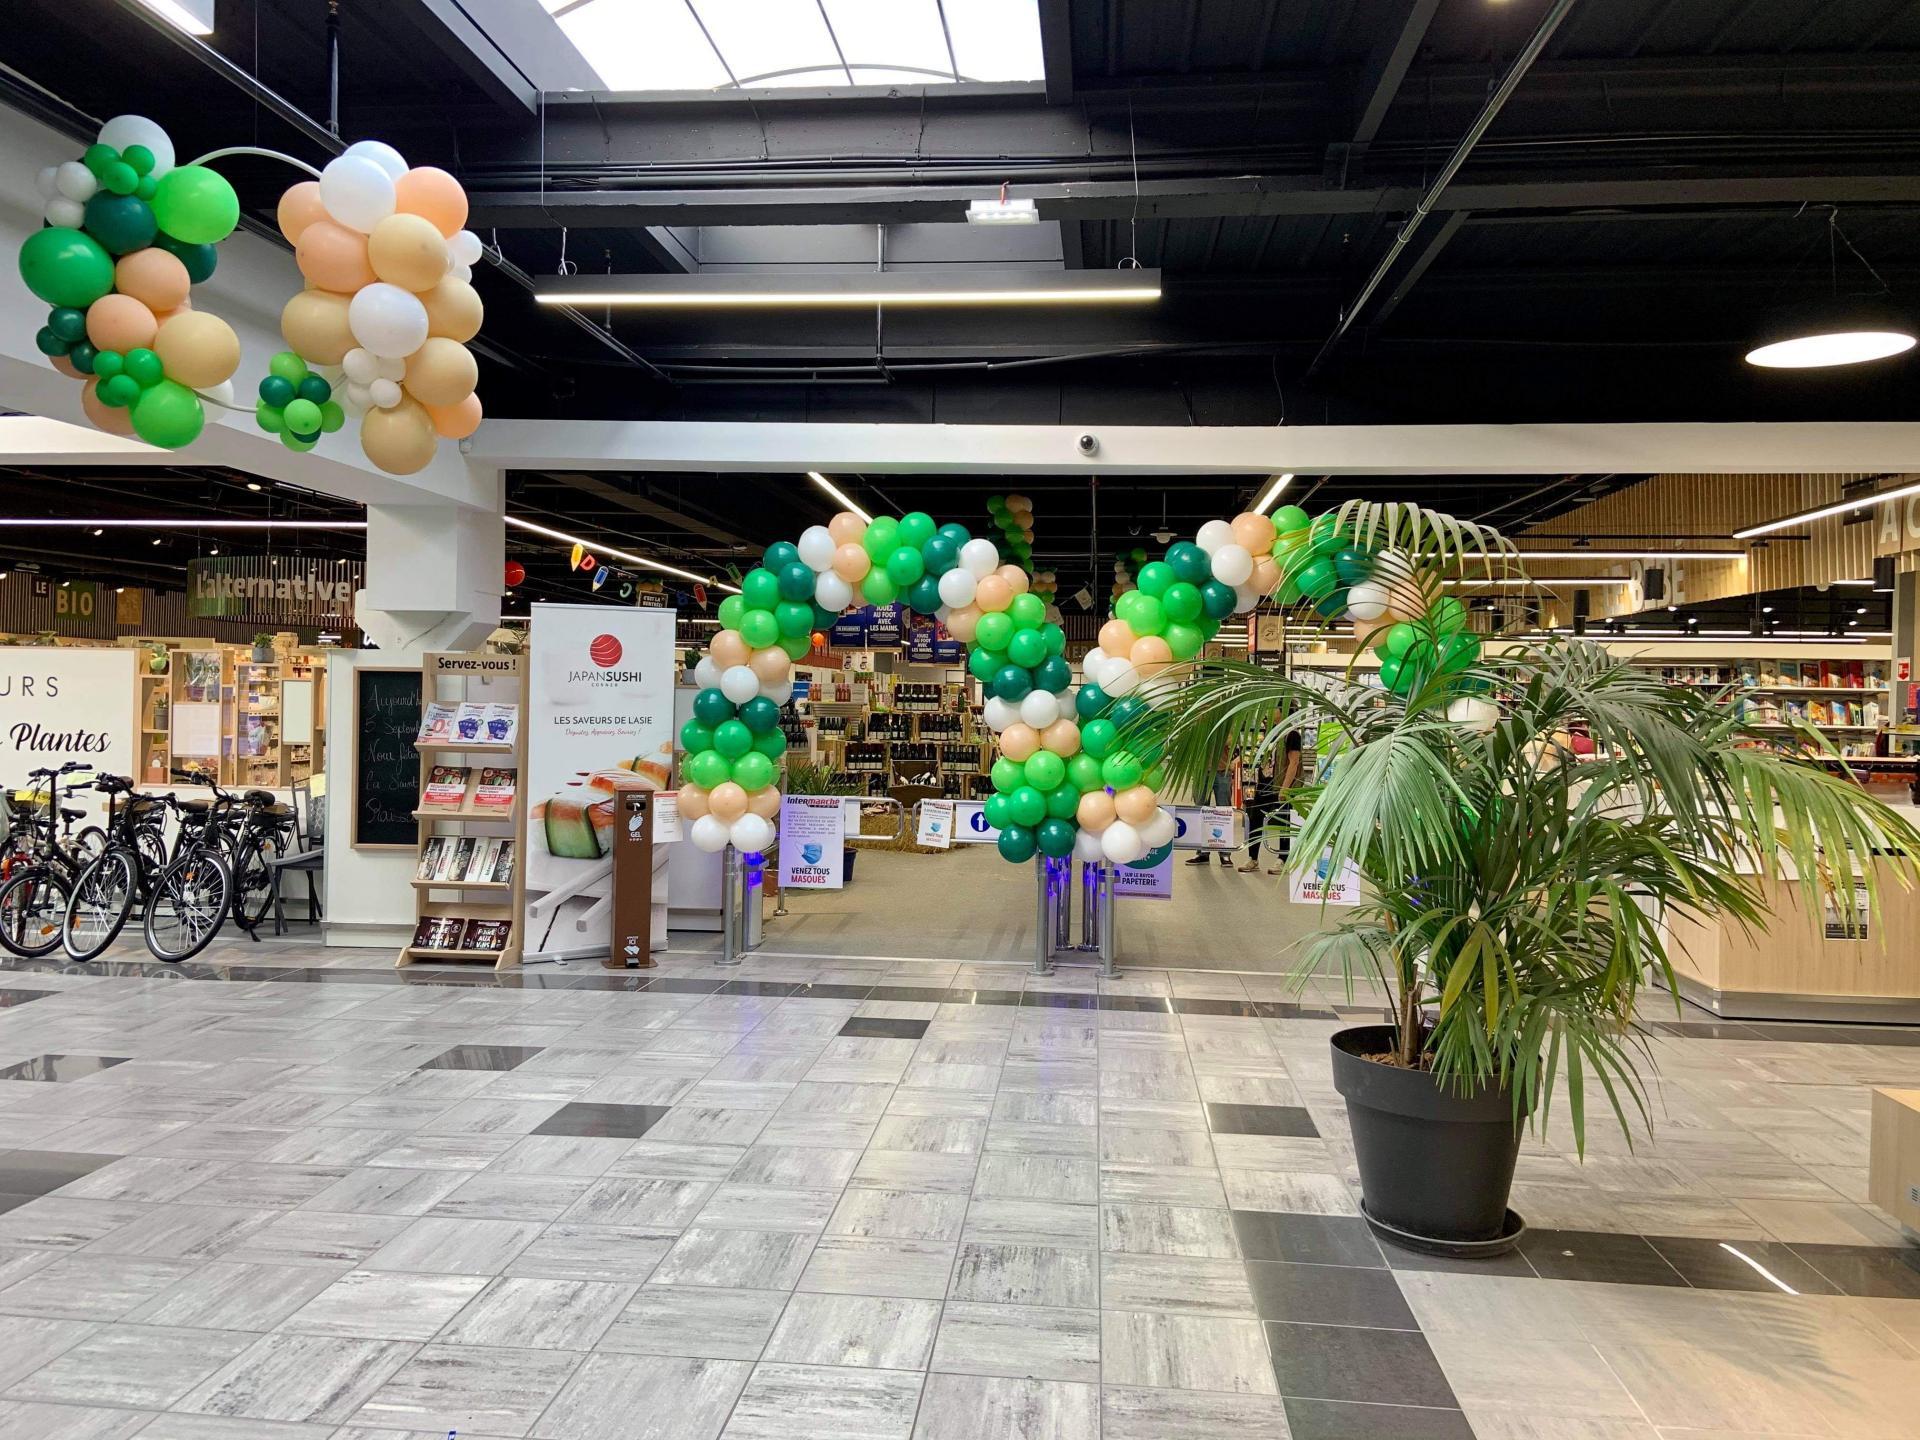 Arche ballons Entrée hypermarché